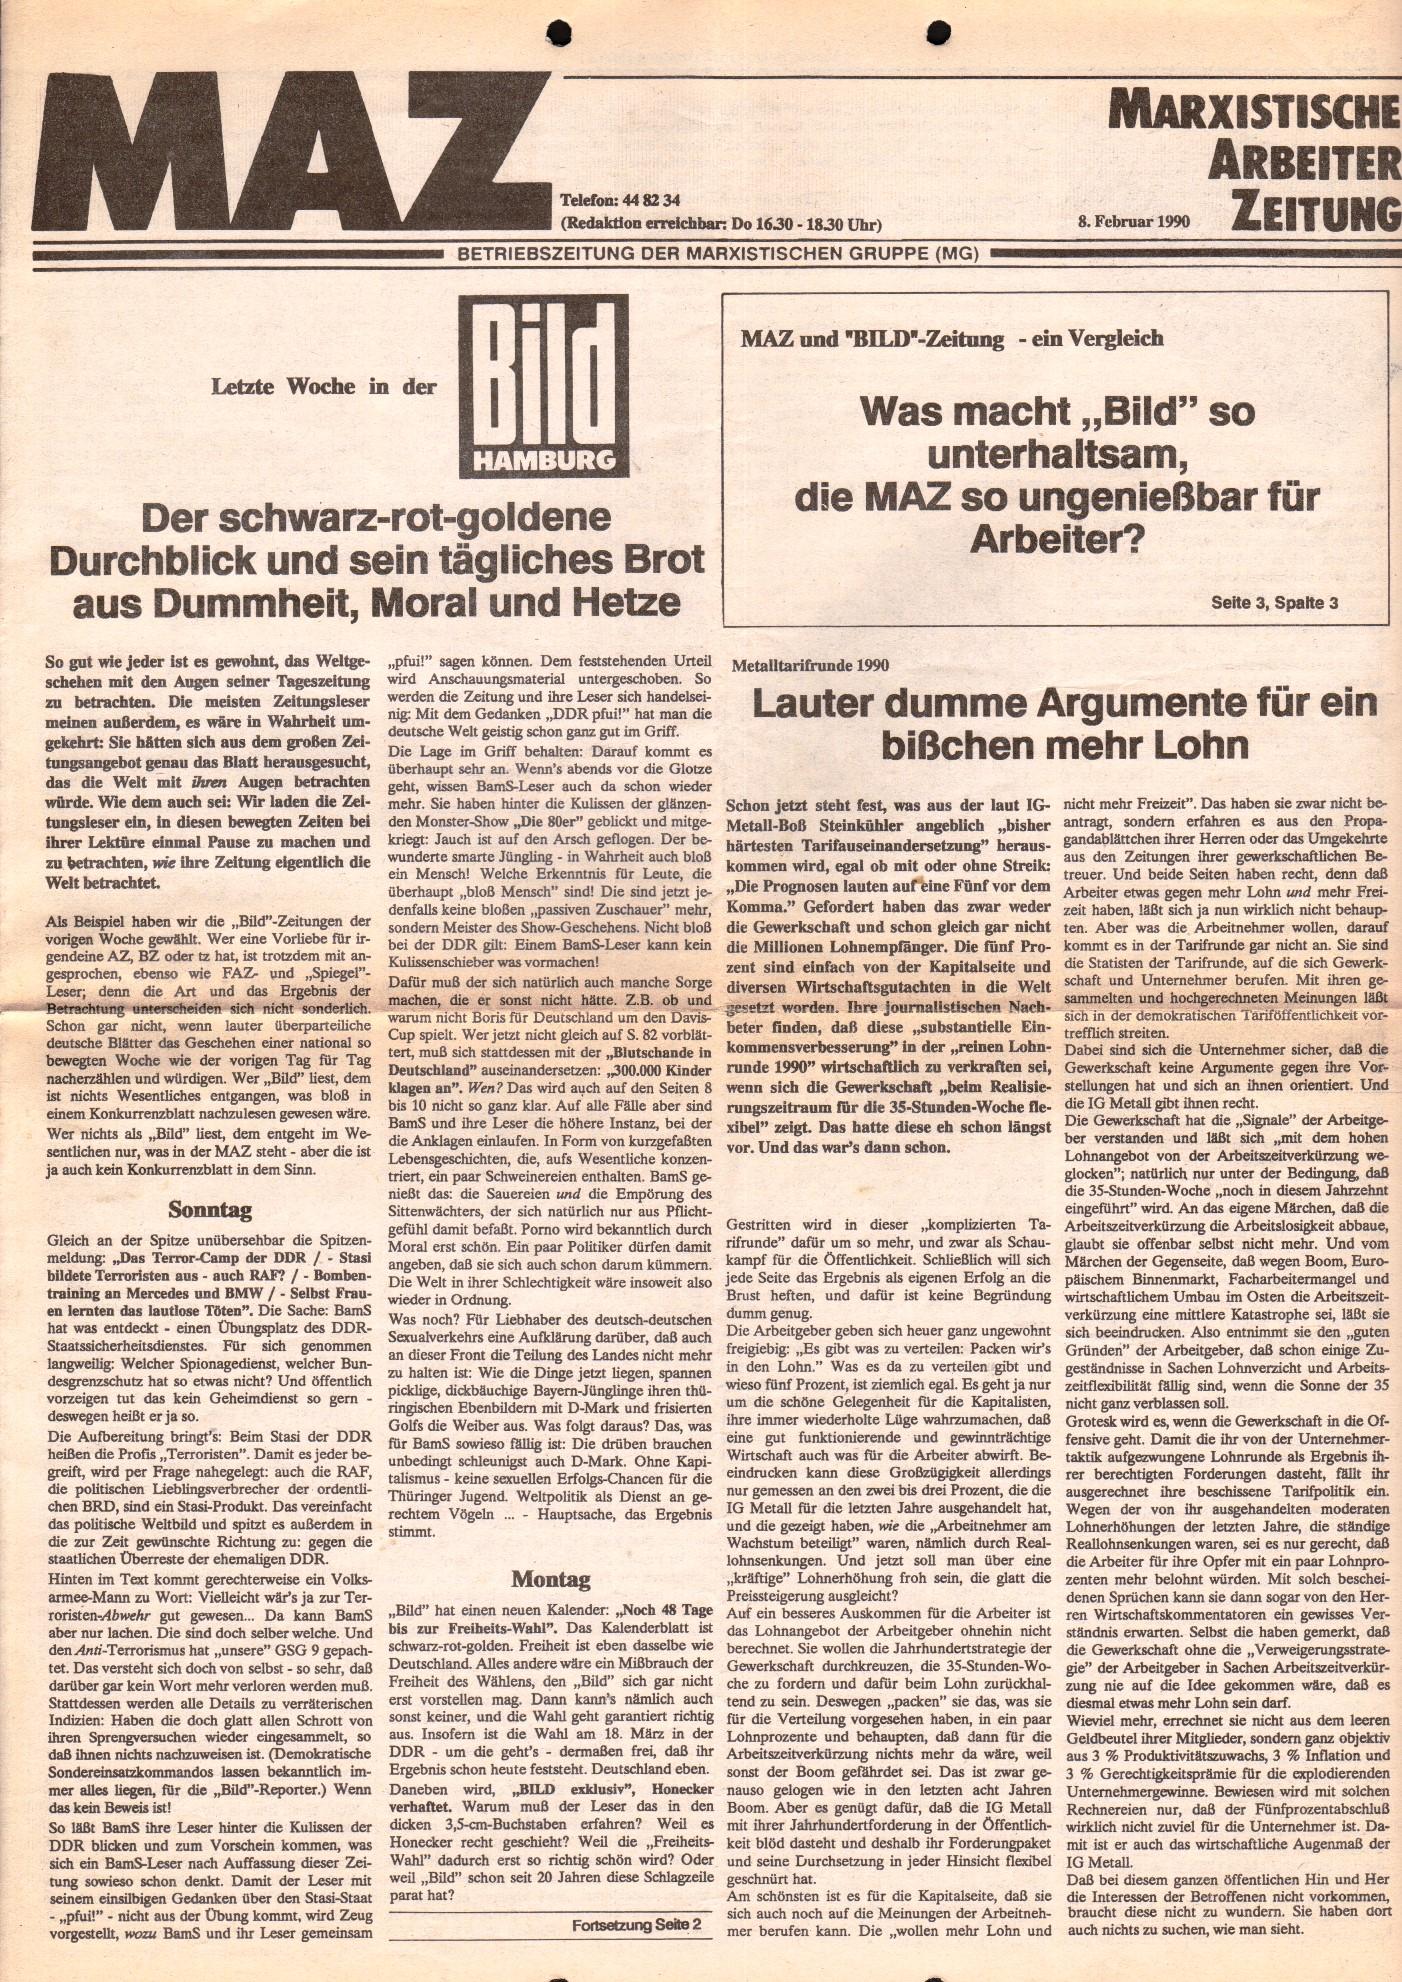 Hamburg_MG_MAZ_19900208_01